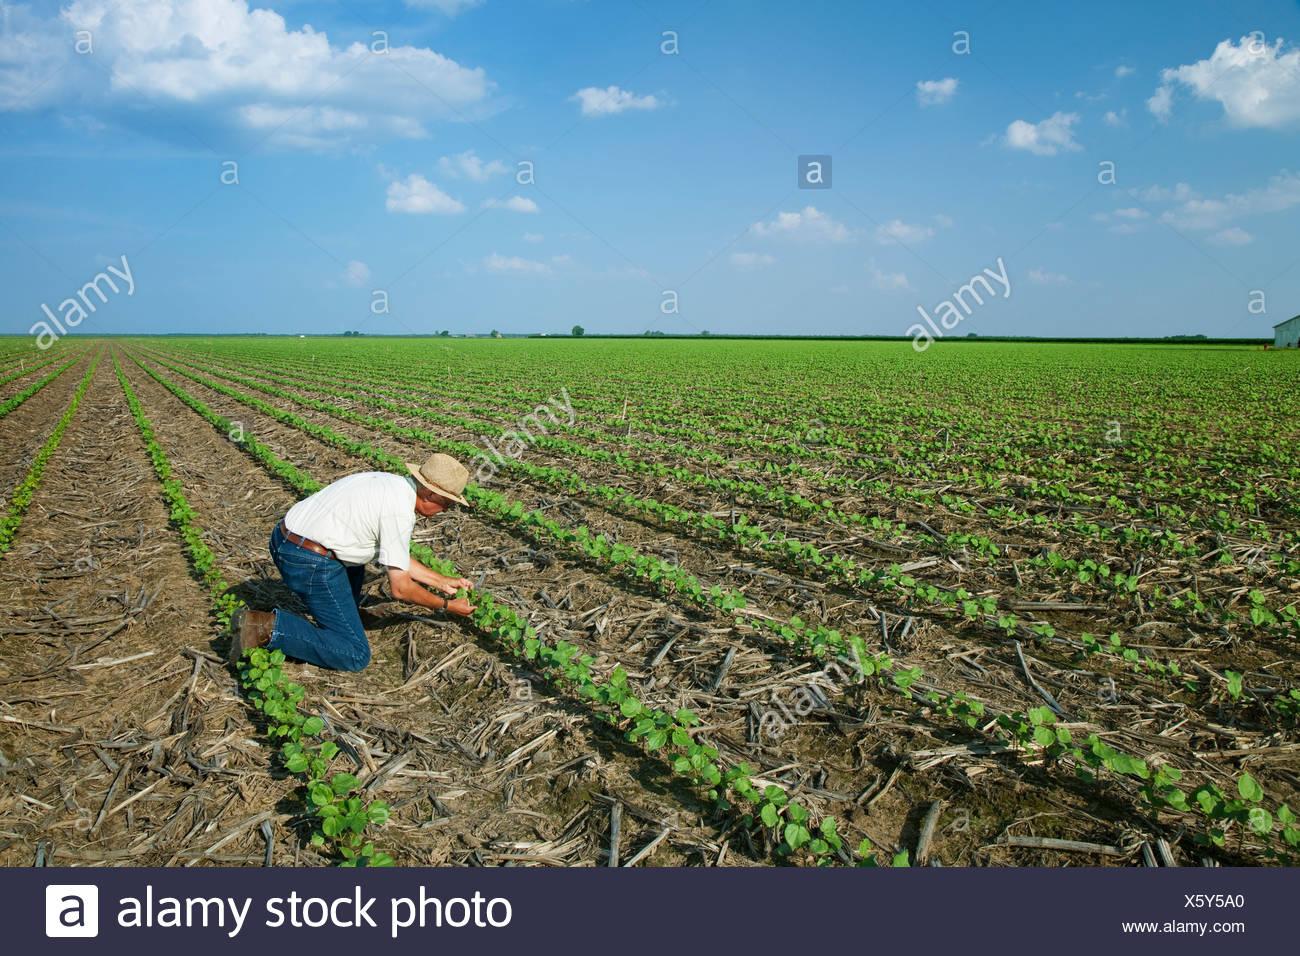 Un consultant de récolte inspecte un début de croissance non-labour récolte de coton au stade 3-4 vraies feuilles pour le début de saison, les insectes / de l'Arkansas. Photo Stock